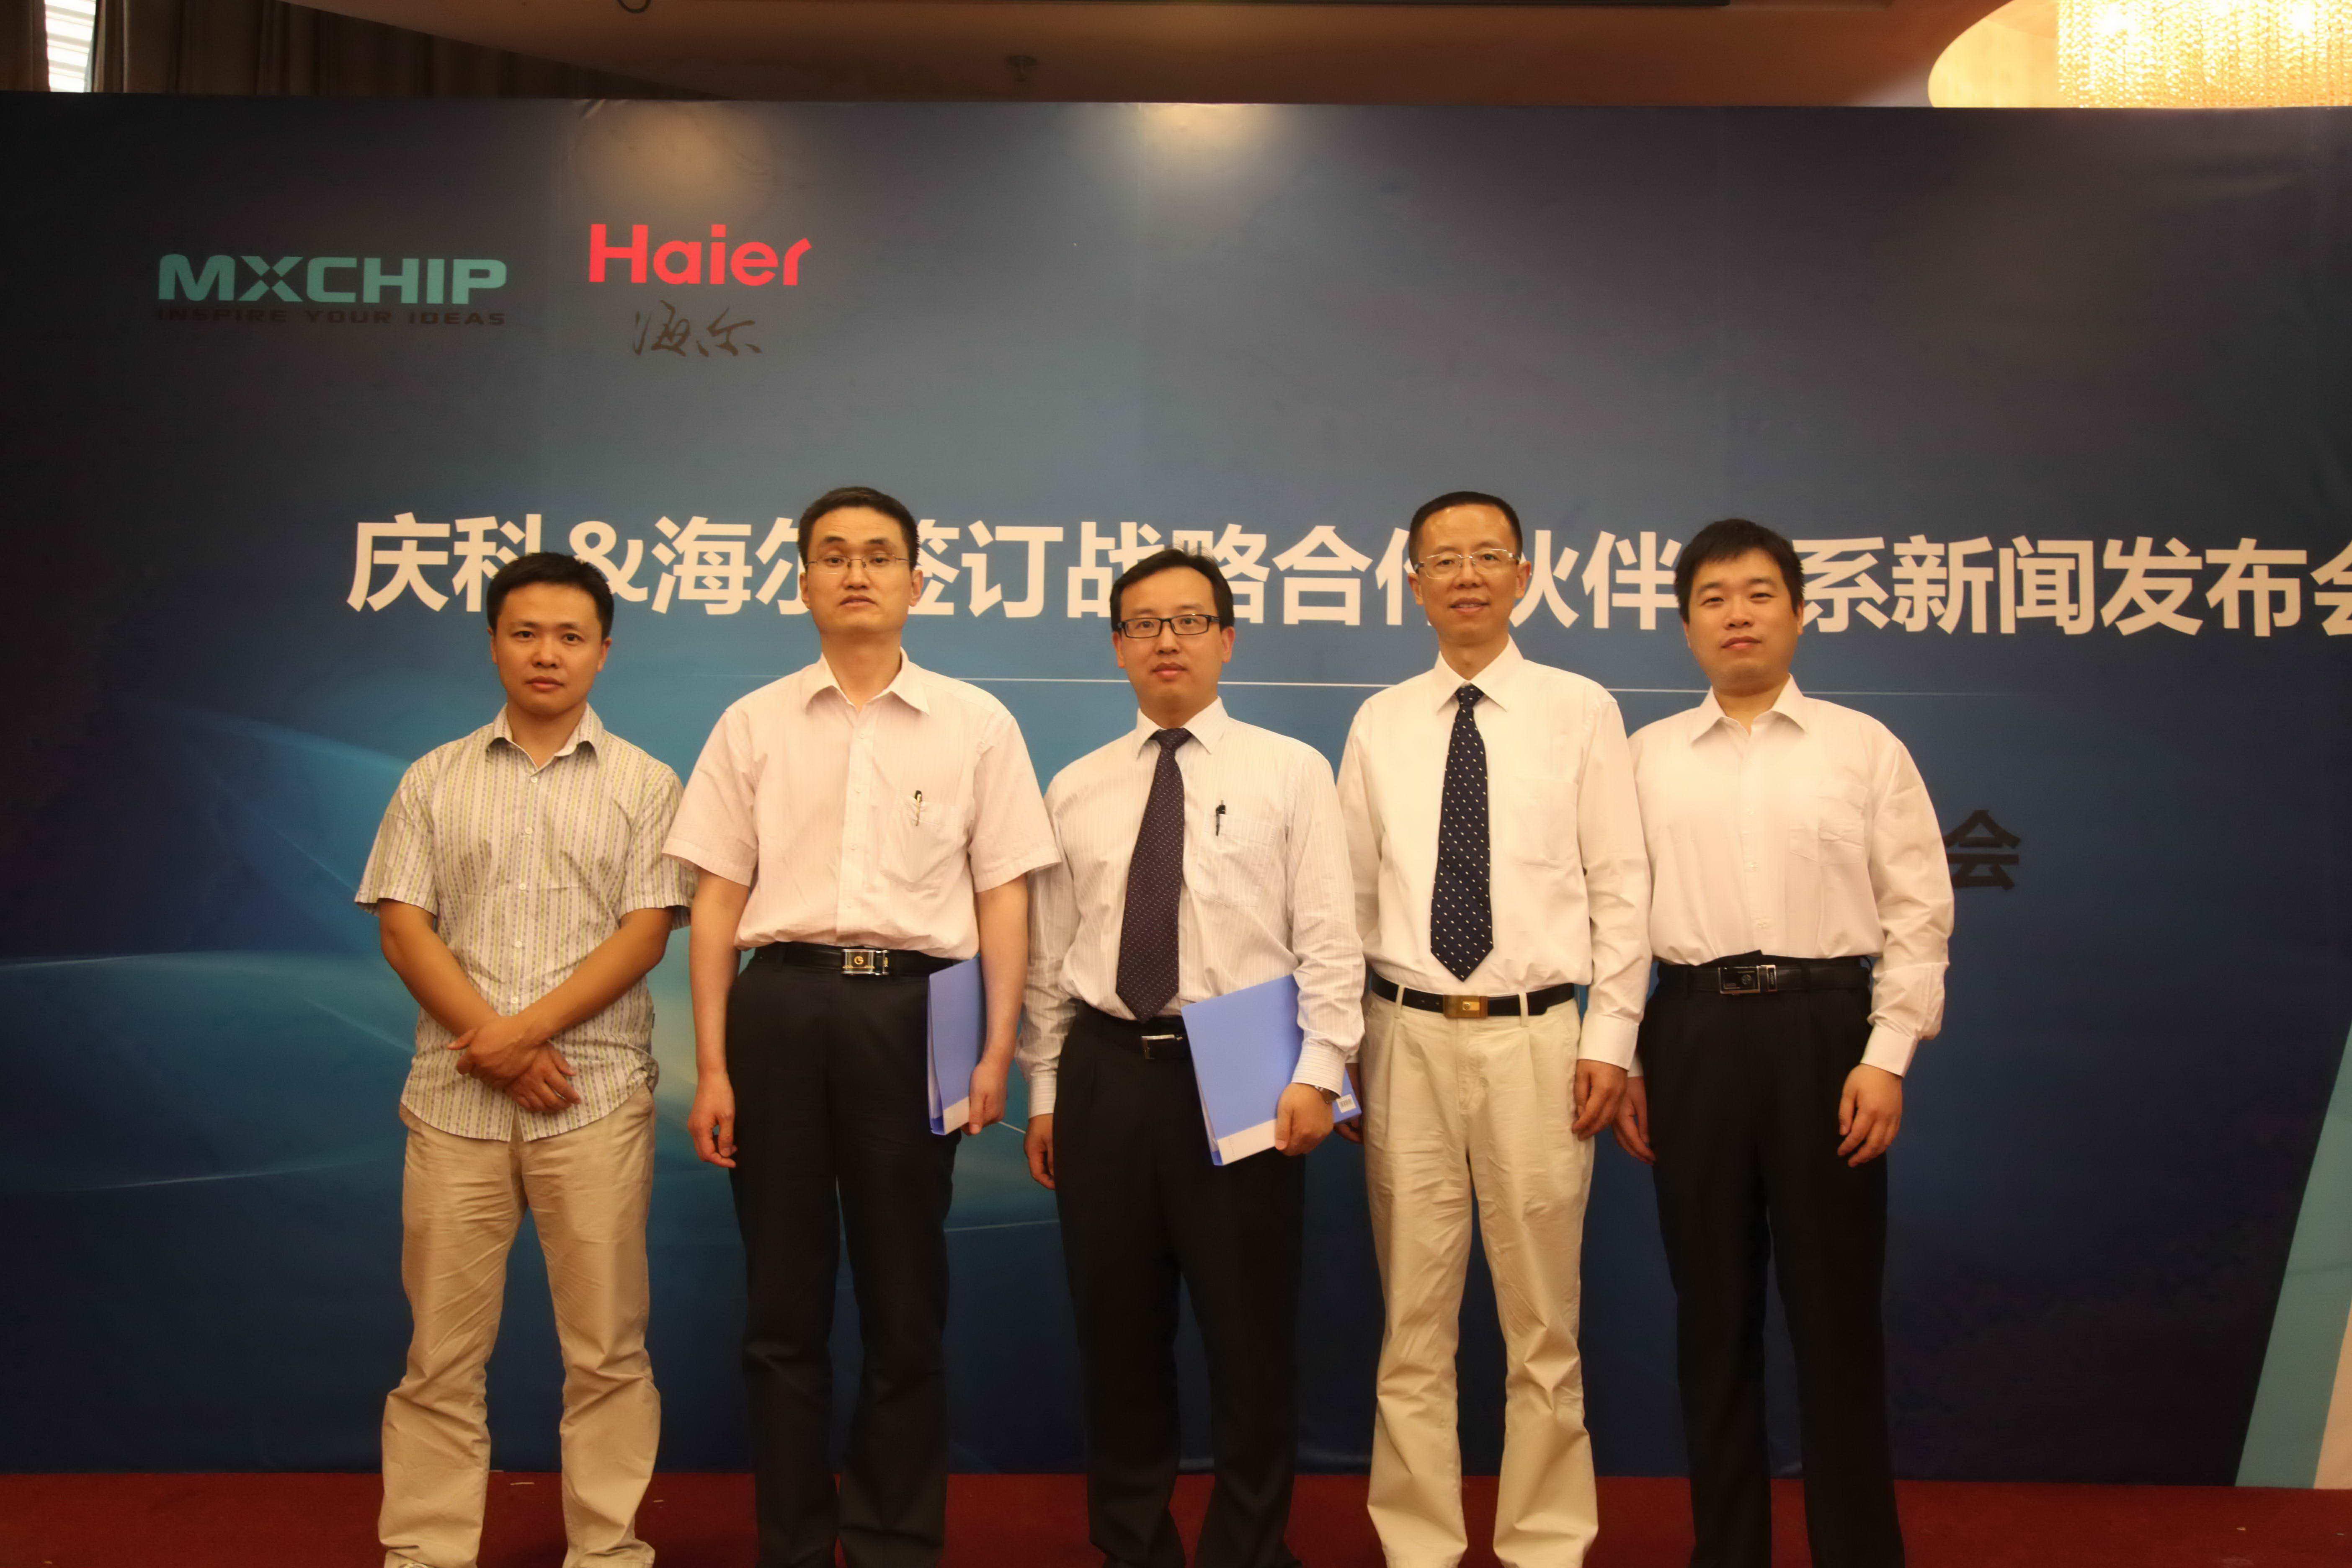 庆科与海尔达成家电Wi-Fi模块战略合作伙伴关系